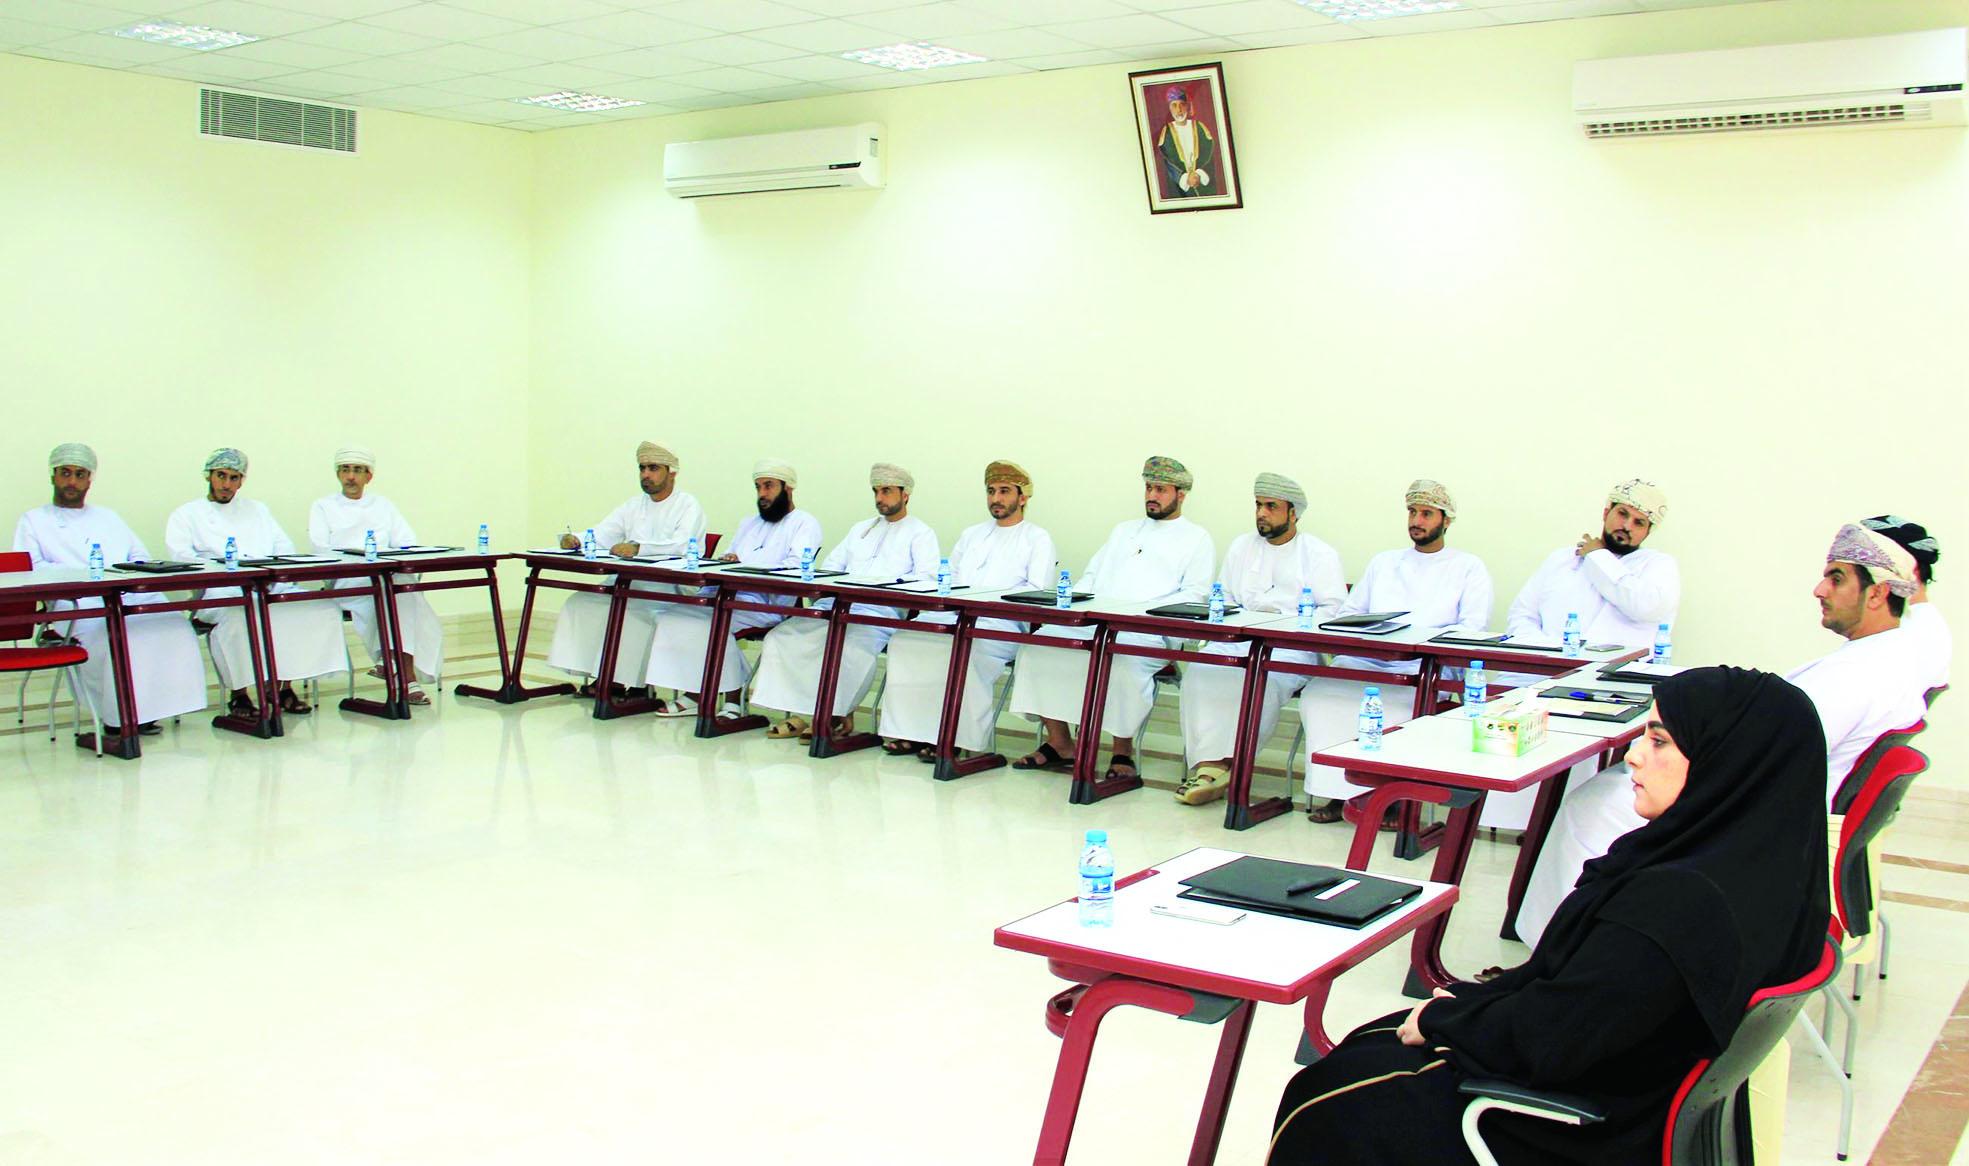 انطلاق البرنامج التدريبي في المعهد العالي للقضاء بنزوى